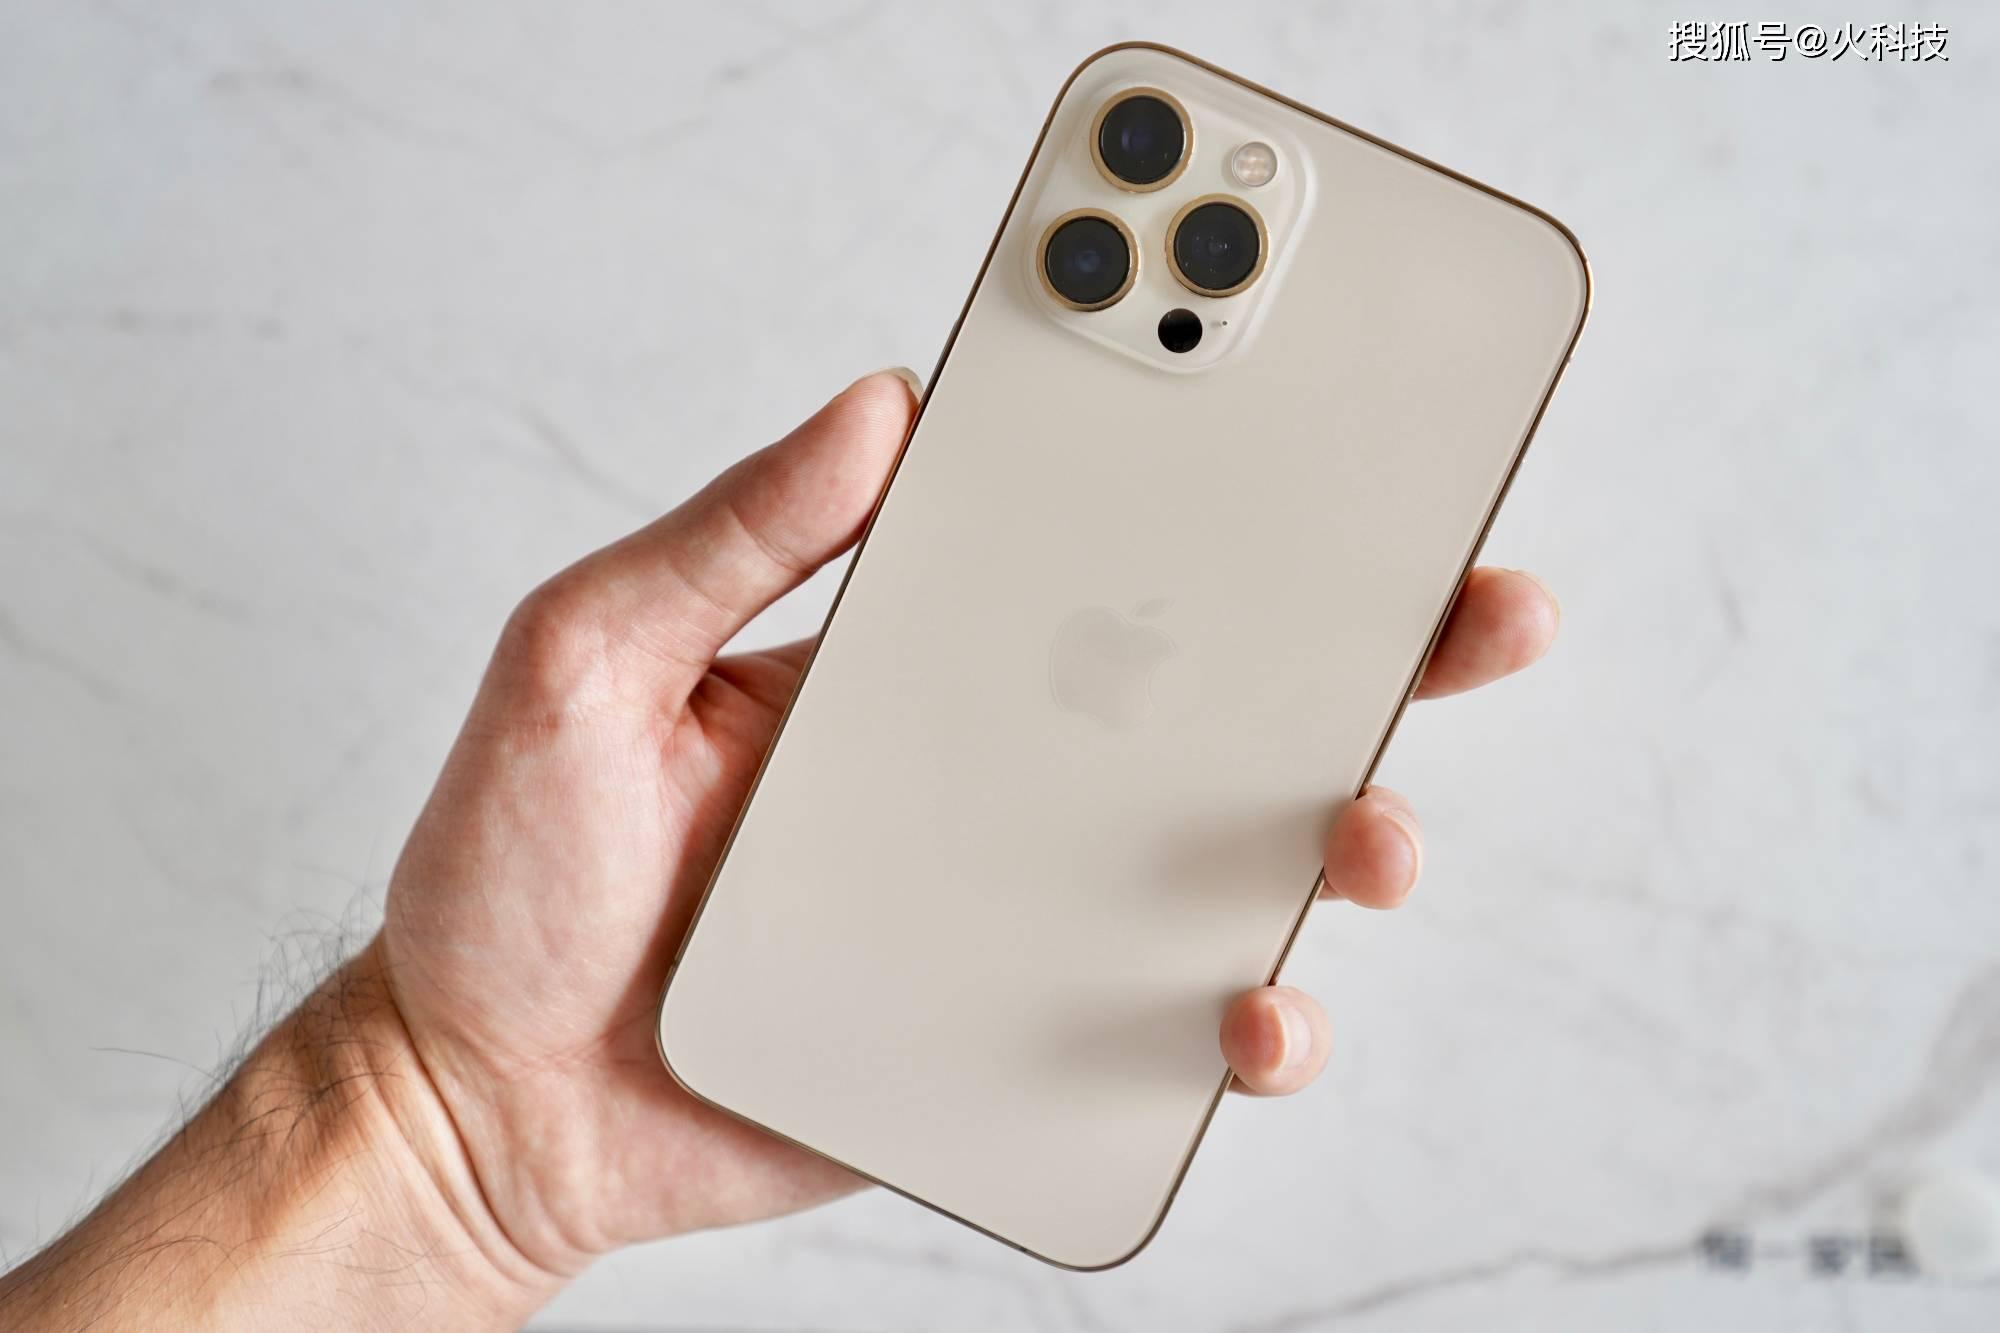 高端旗舰手机中的佼佼者,2020年苹果三星华为最强的全面屏手机